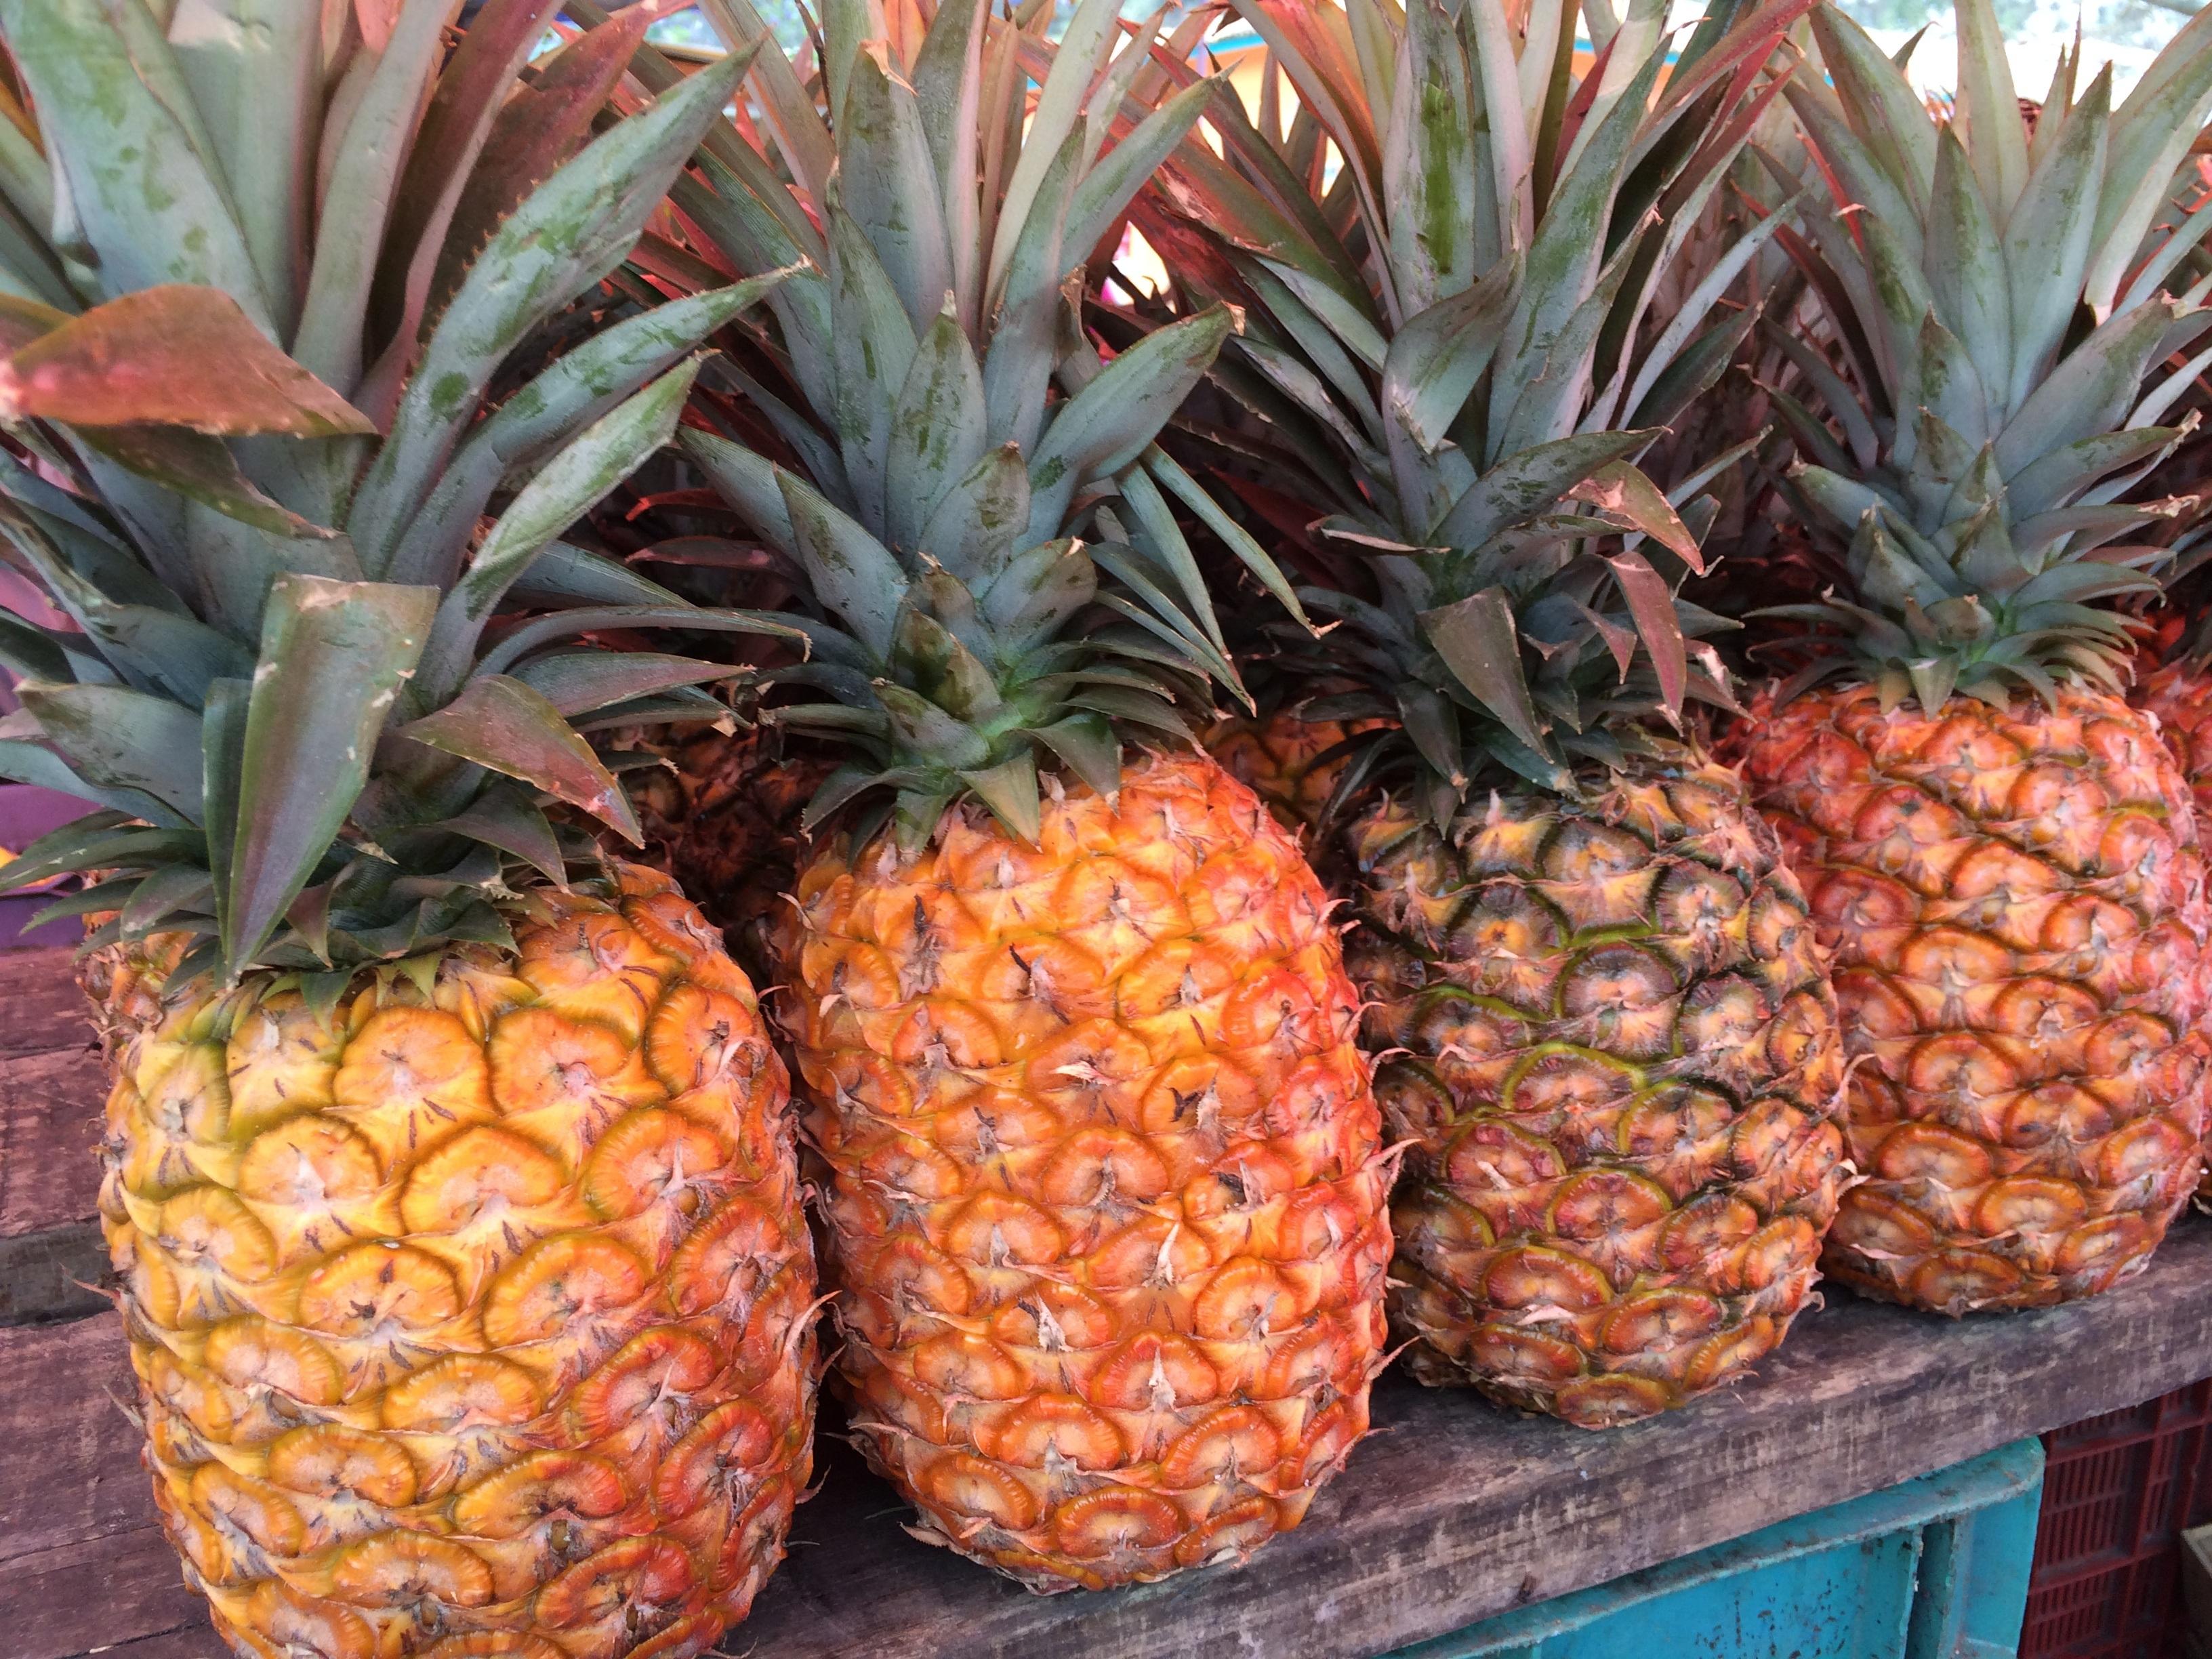 это ананасы картинки на английском создании используется набор